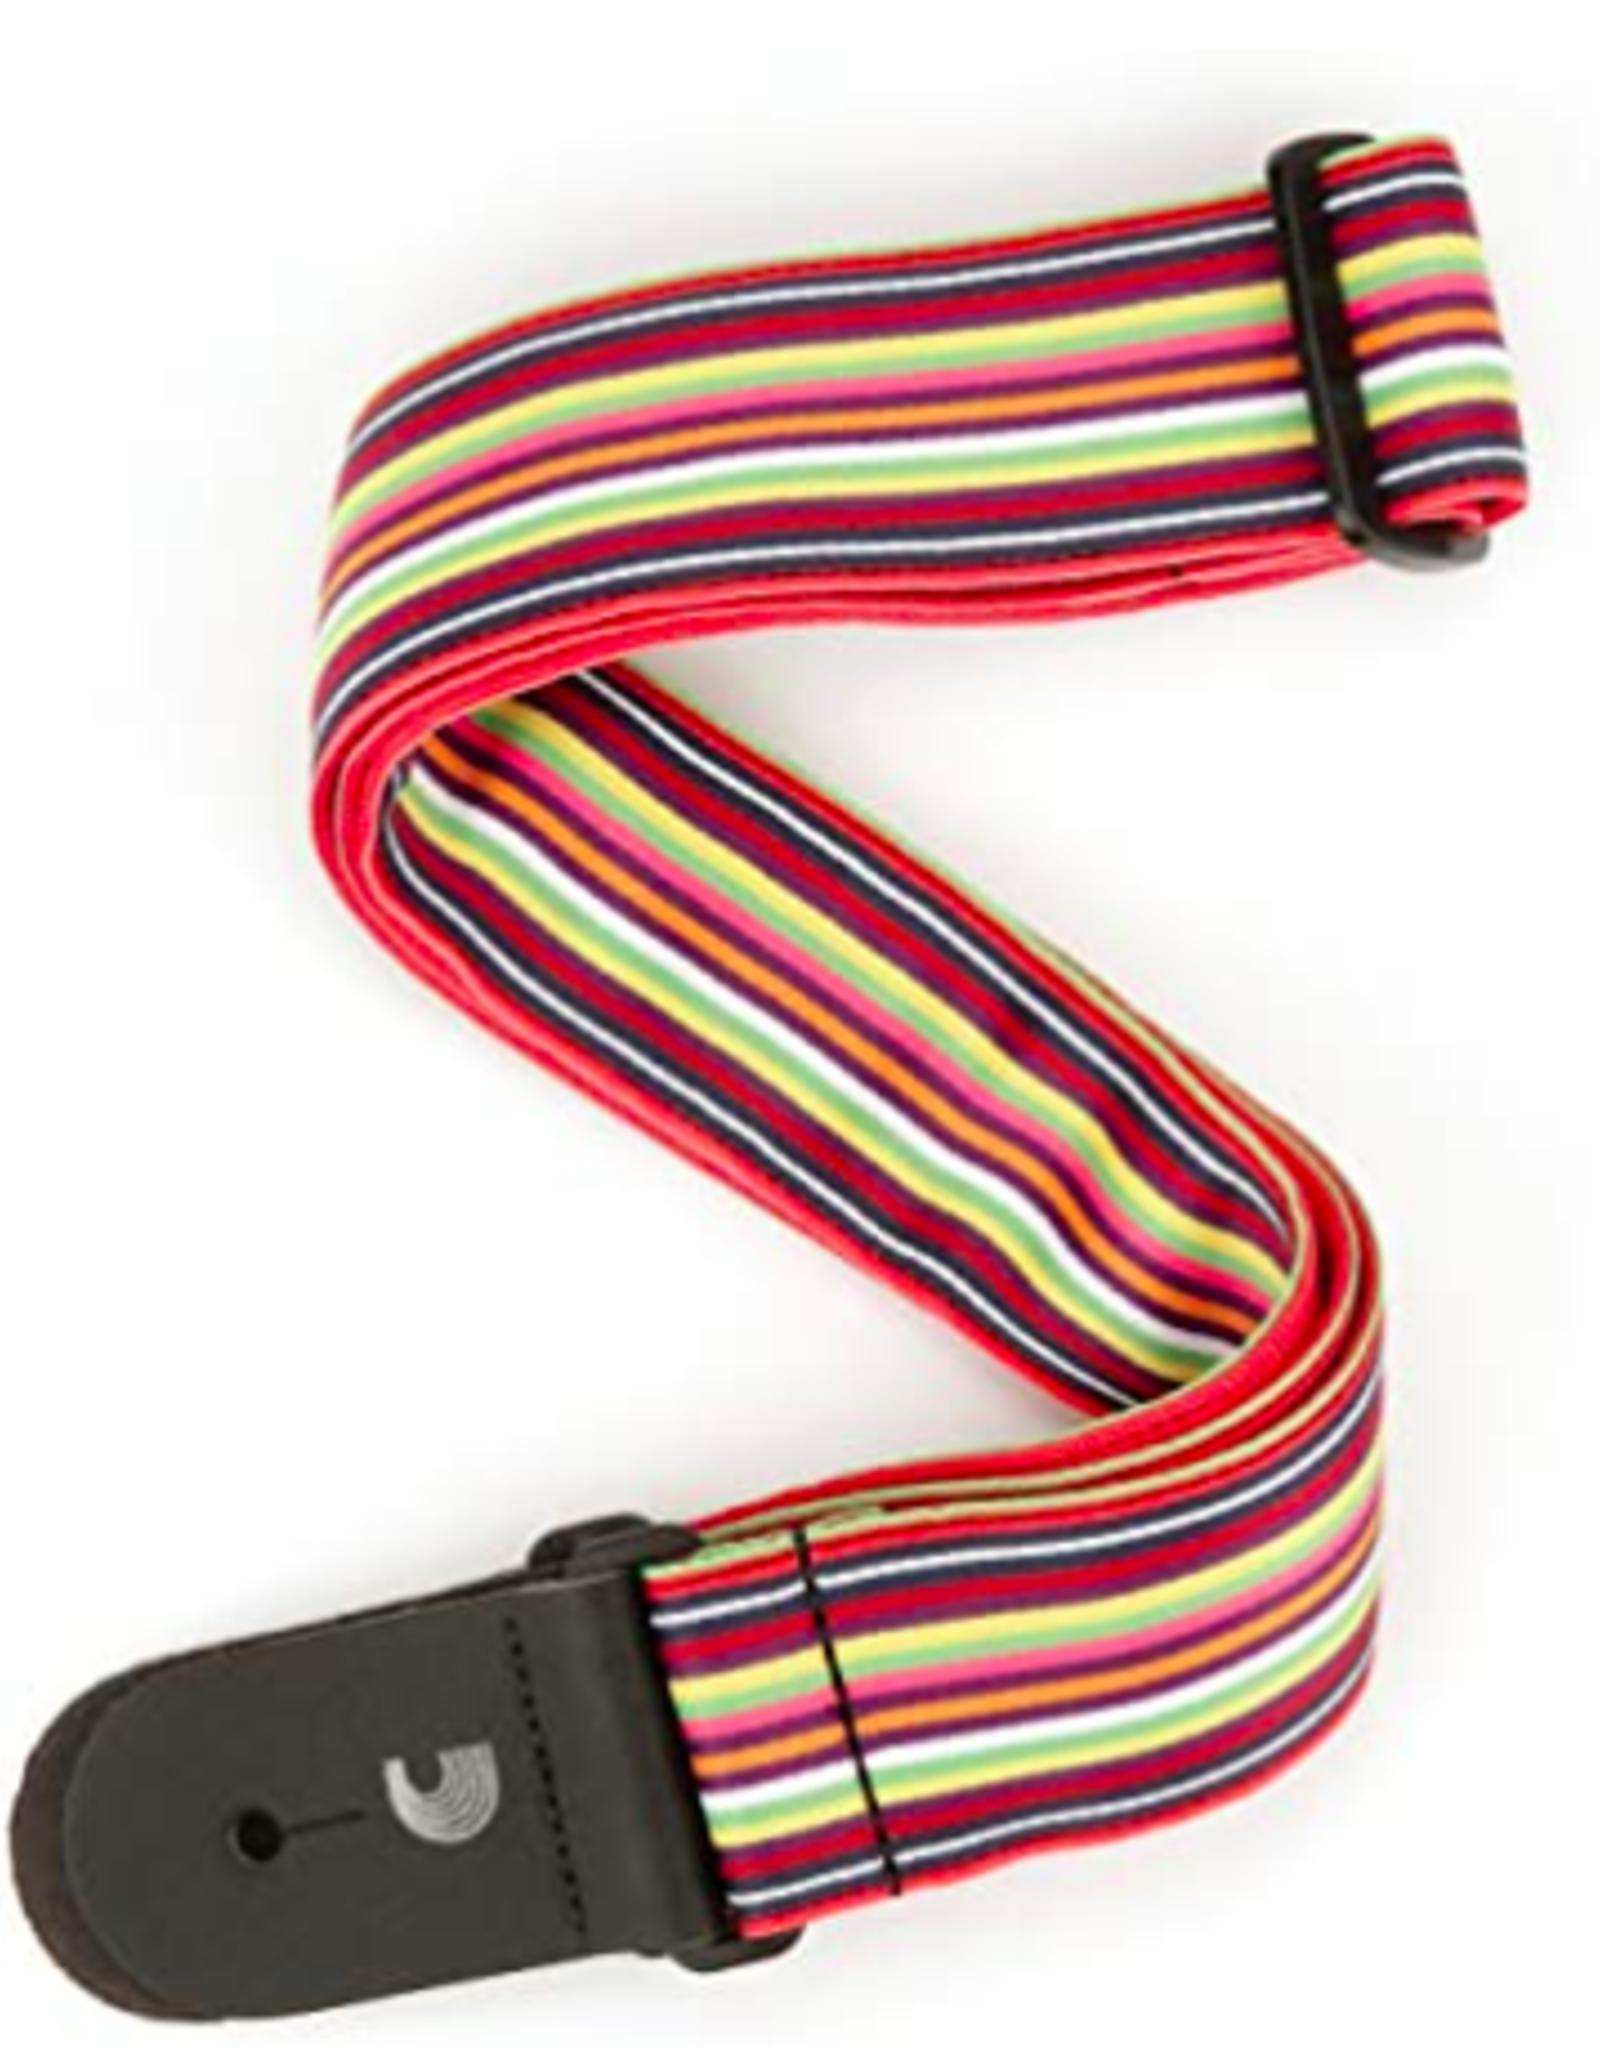 D'Addario D'Addario Woven Latin Line Art Guitar Strap, Multi Colored